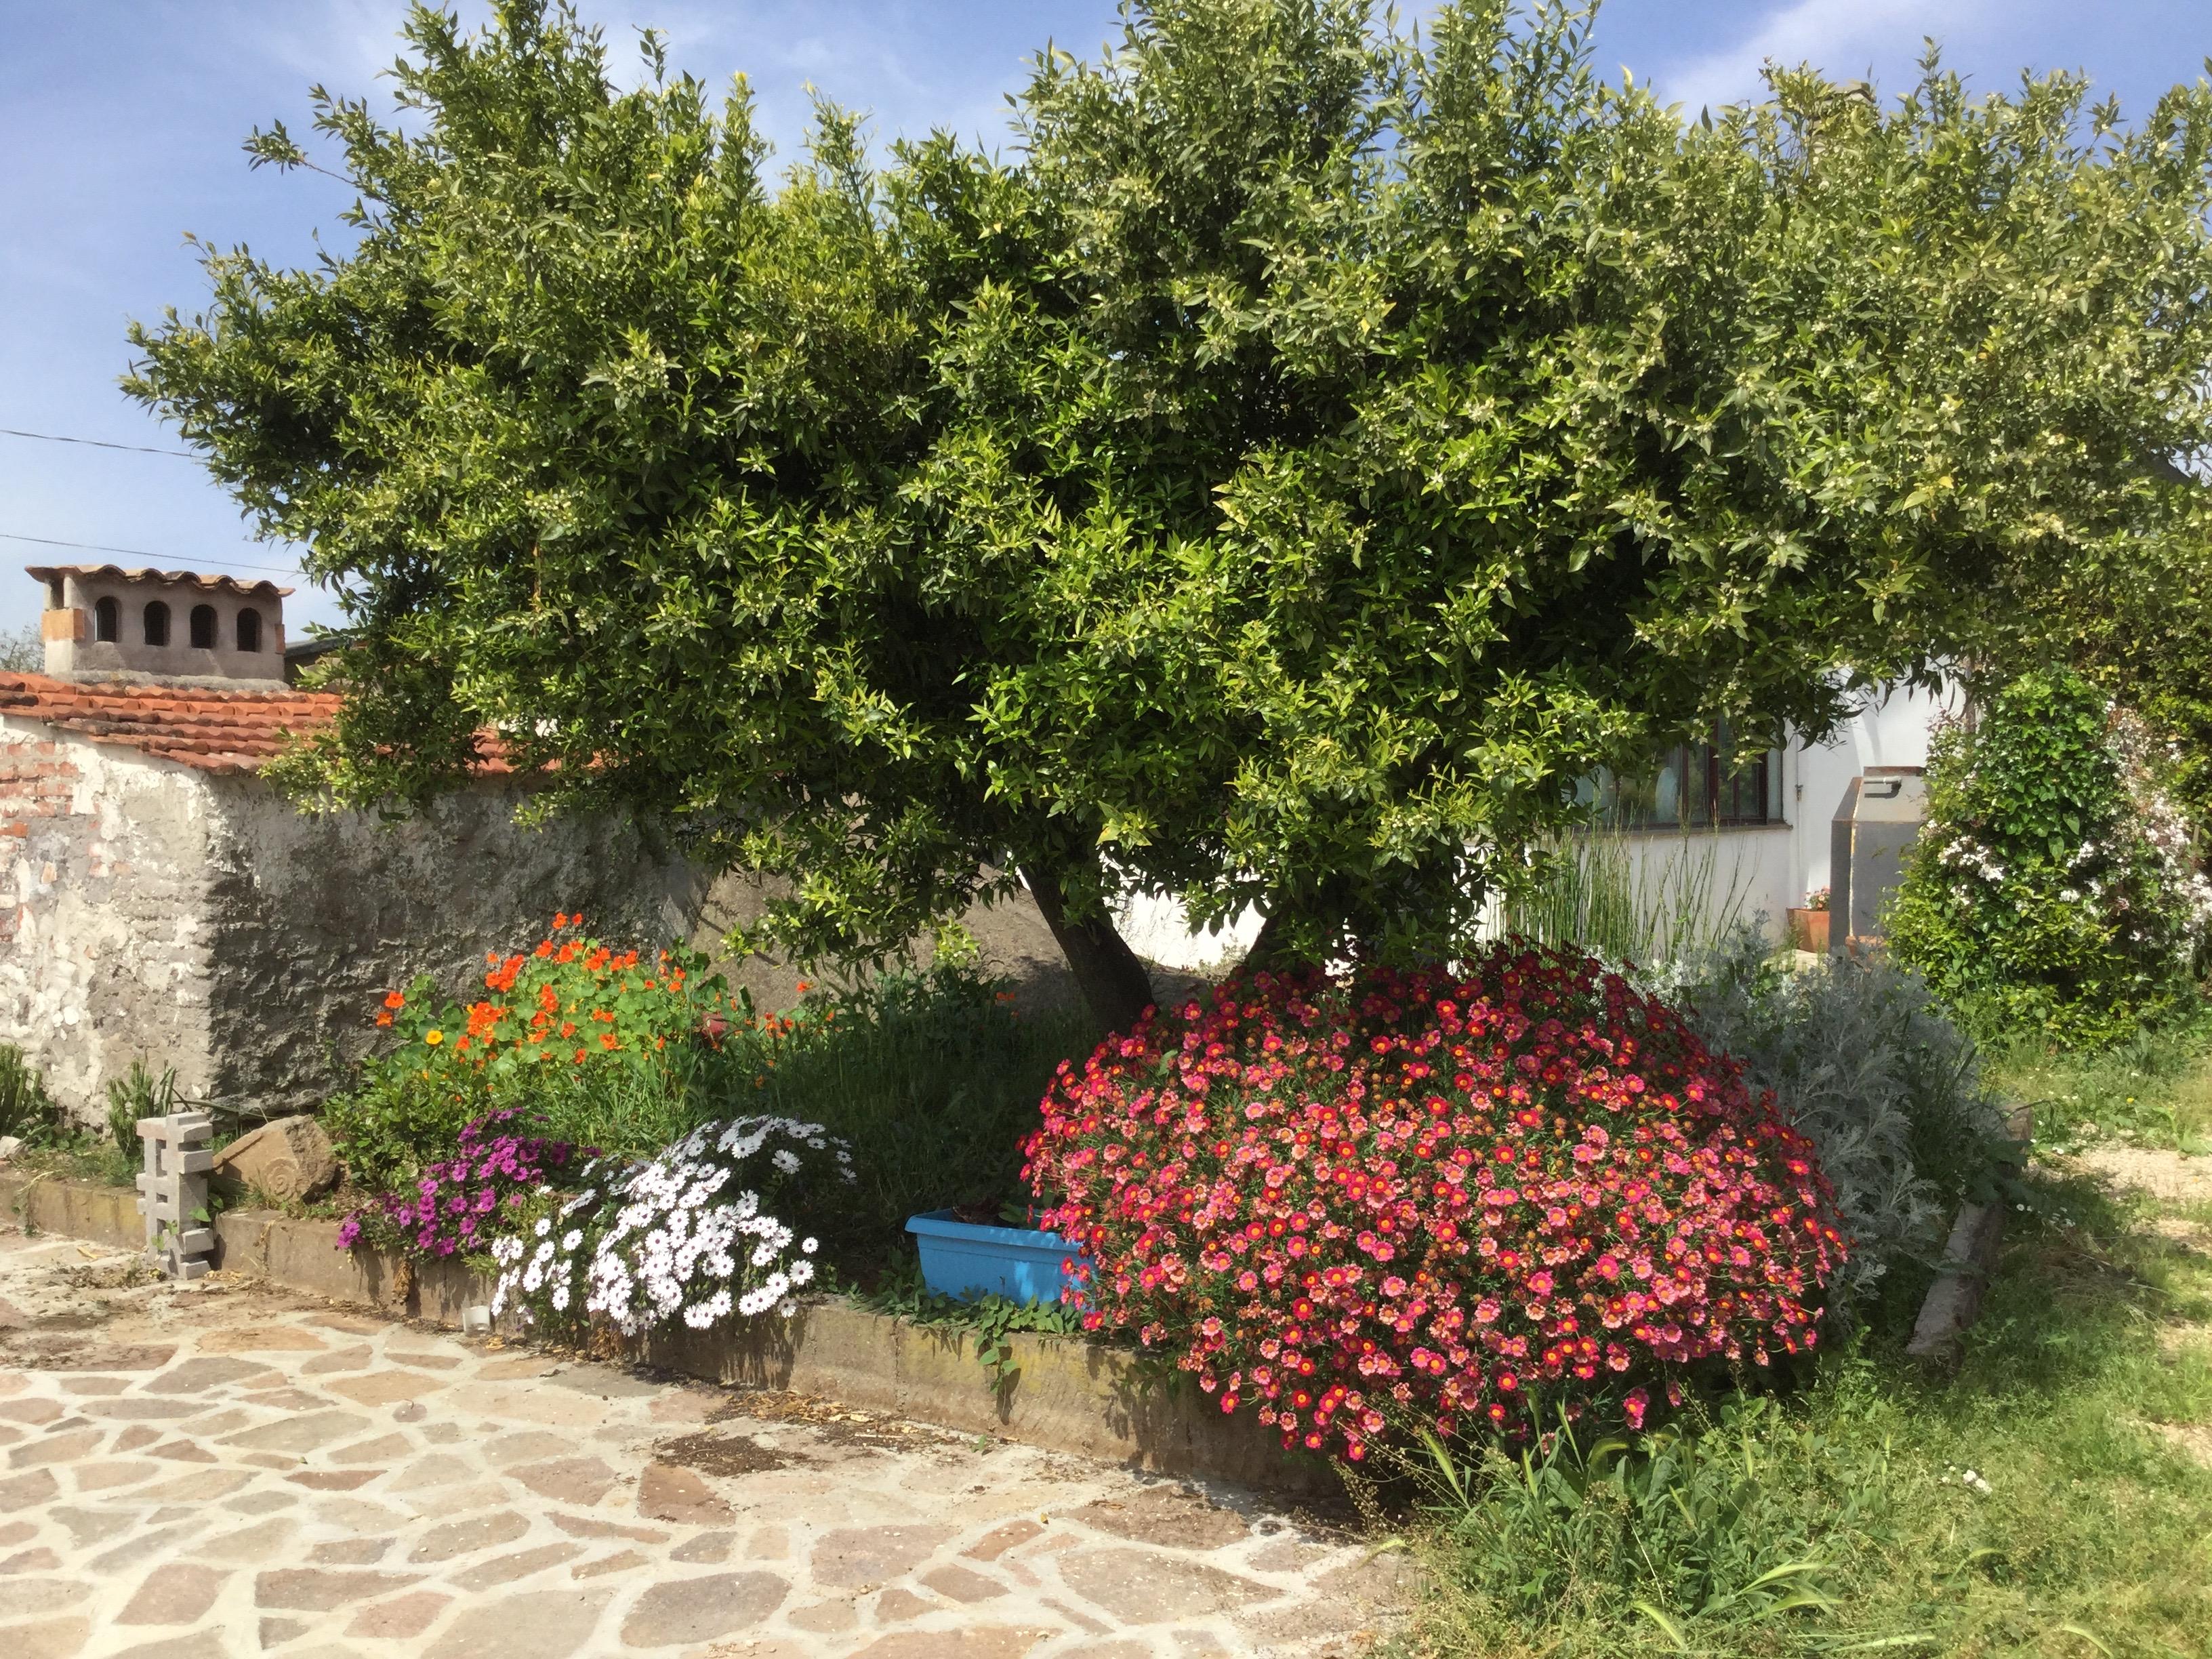 mandarino e fiori